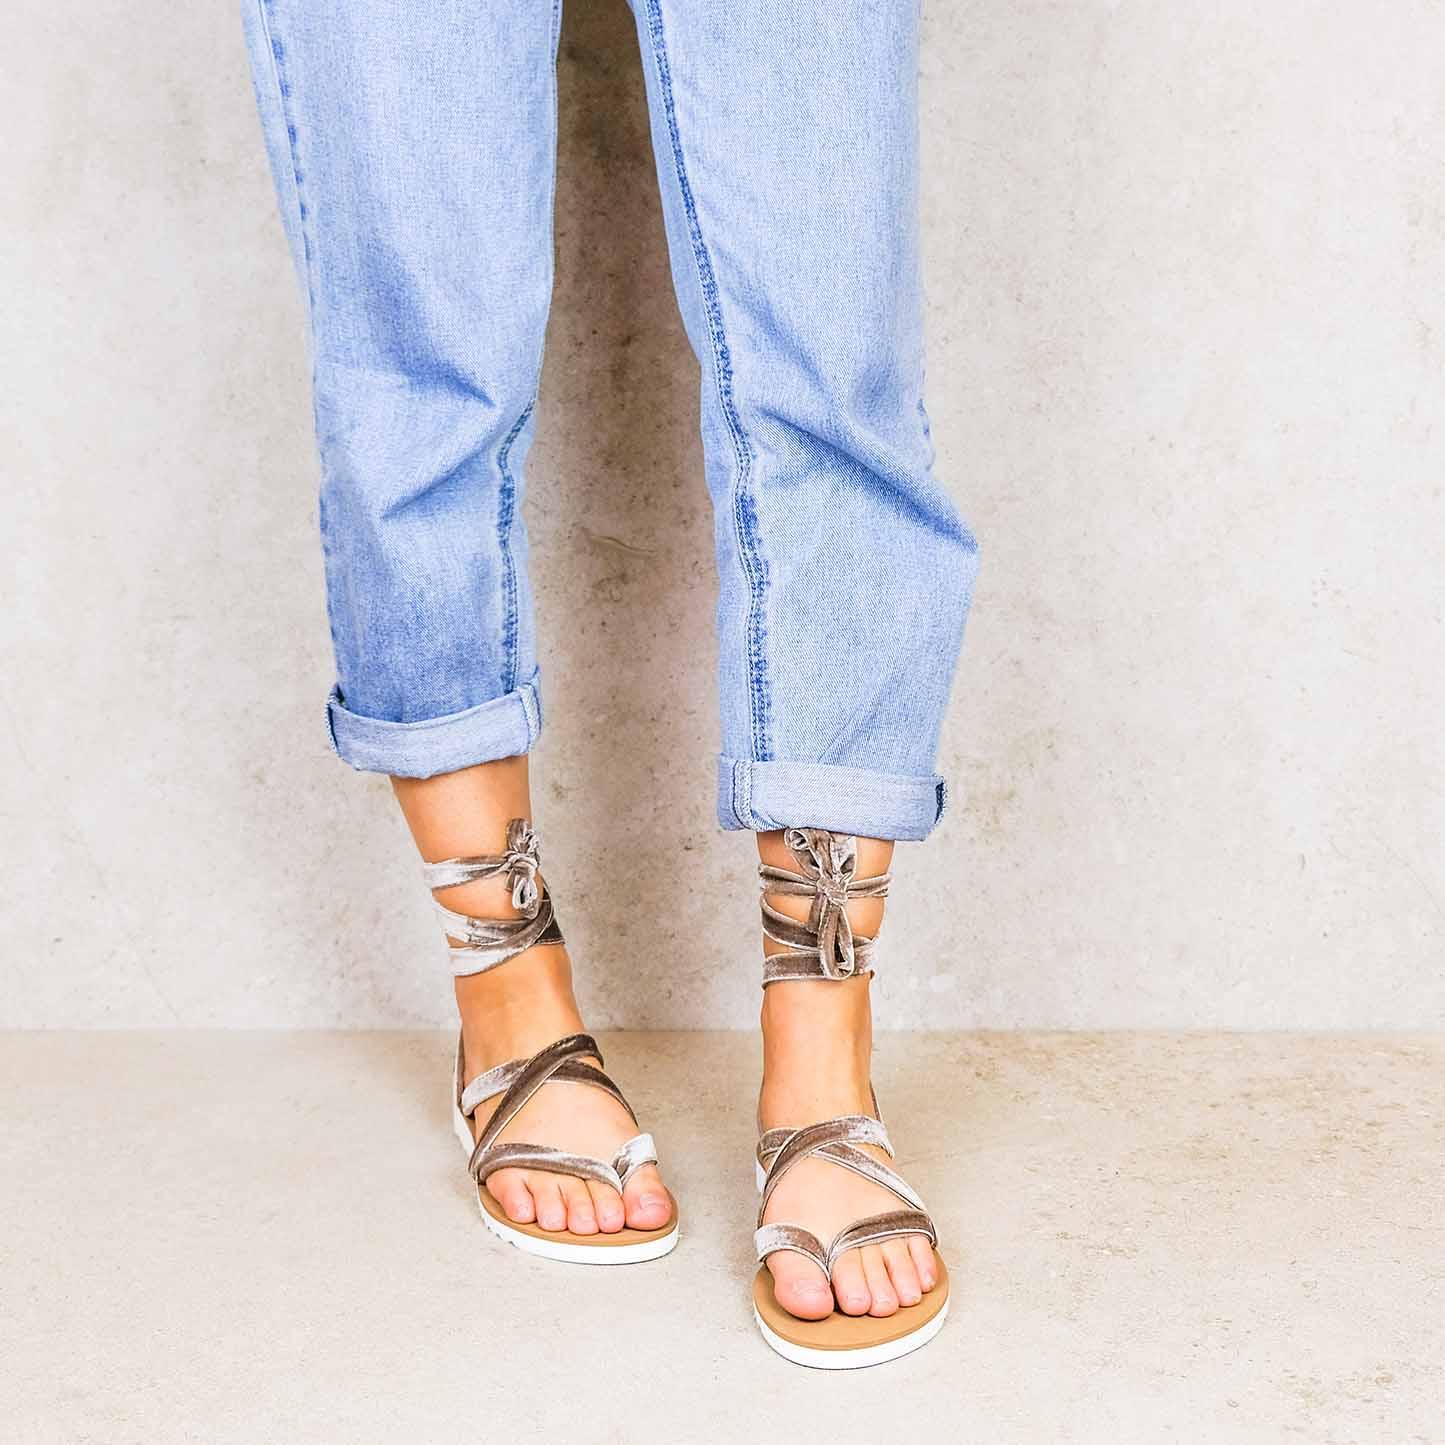 Camel-velvet ribbons linten lintsandalen sandals travelsandals vegan sustainable sandals wikkelsandalen